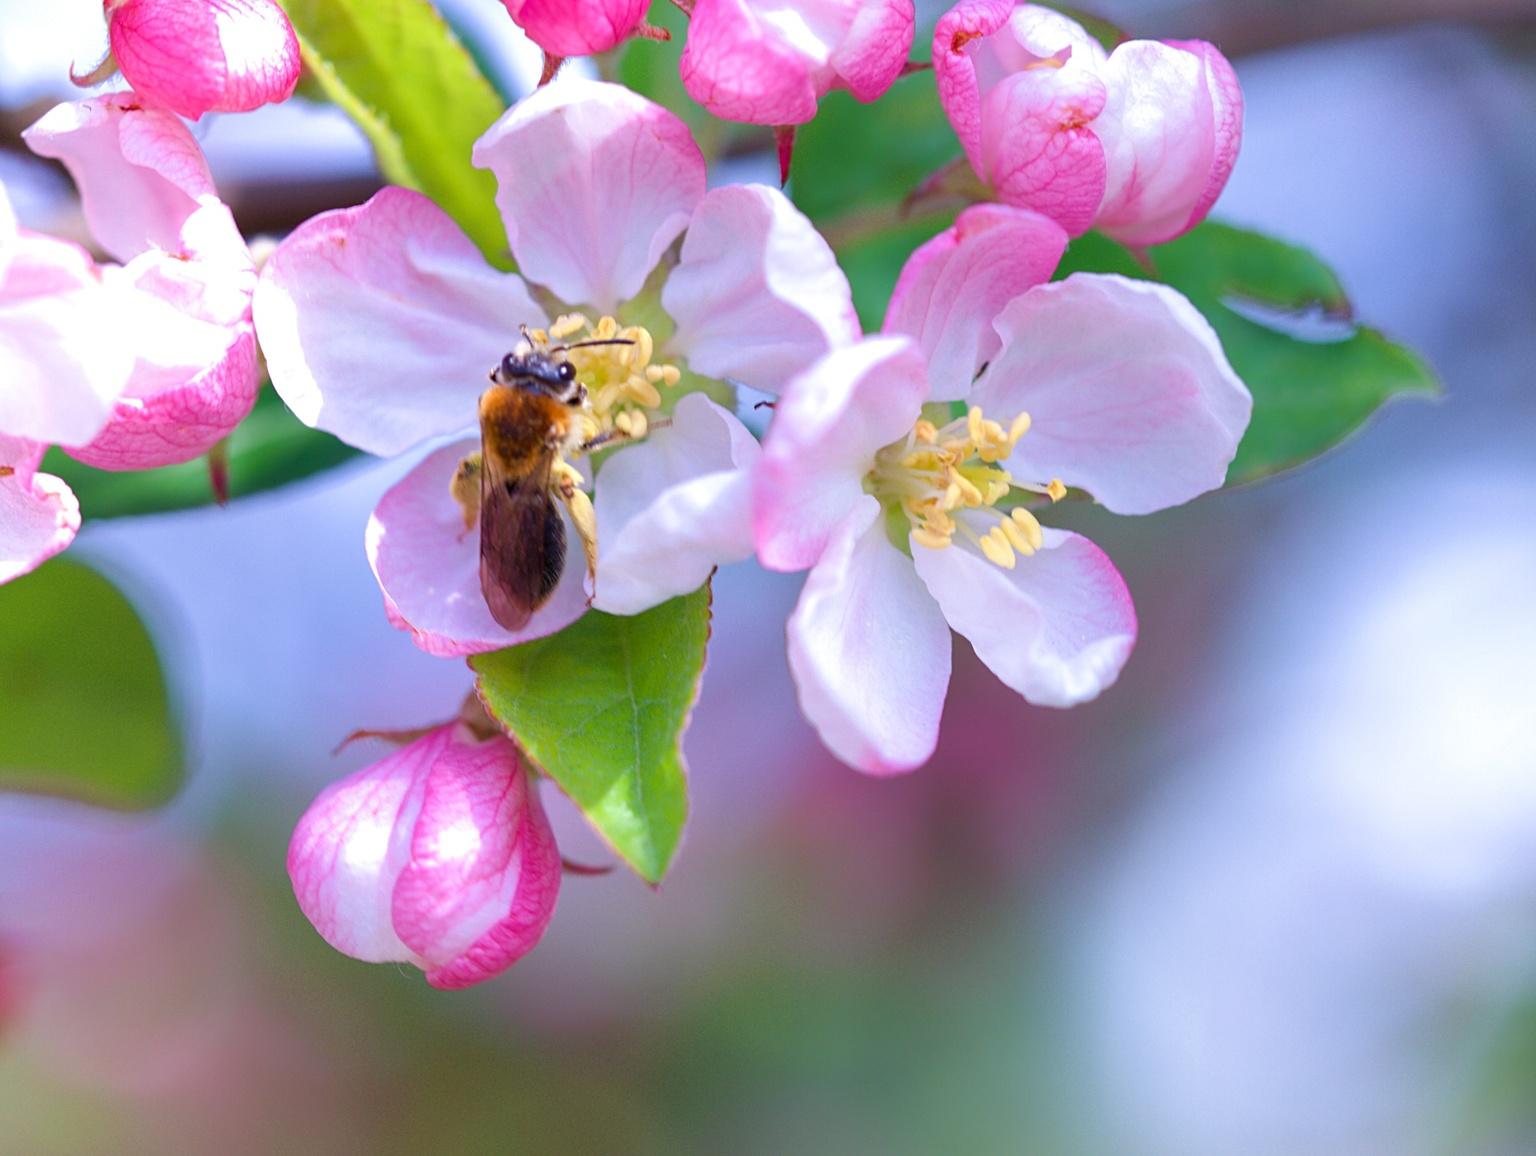 lente - bij druk aan het werk - foto door jeanetfoto op 29-04-2021 - locatie: 7271 Borculo, Nederland - deze foto bevat: bloem, fabriek, bestuiver, insect, geleedpotigen, bloemblaadje, honingbij, kever, plaag, rosa arkansana